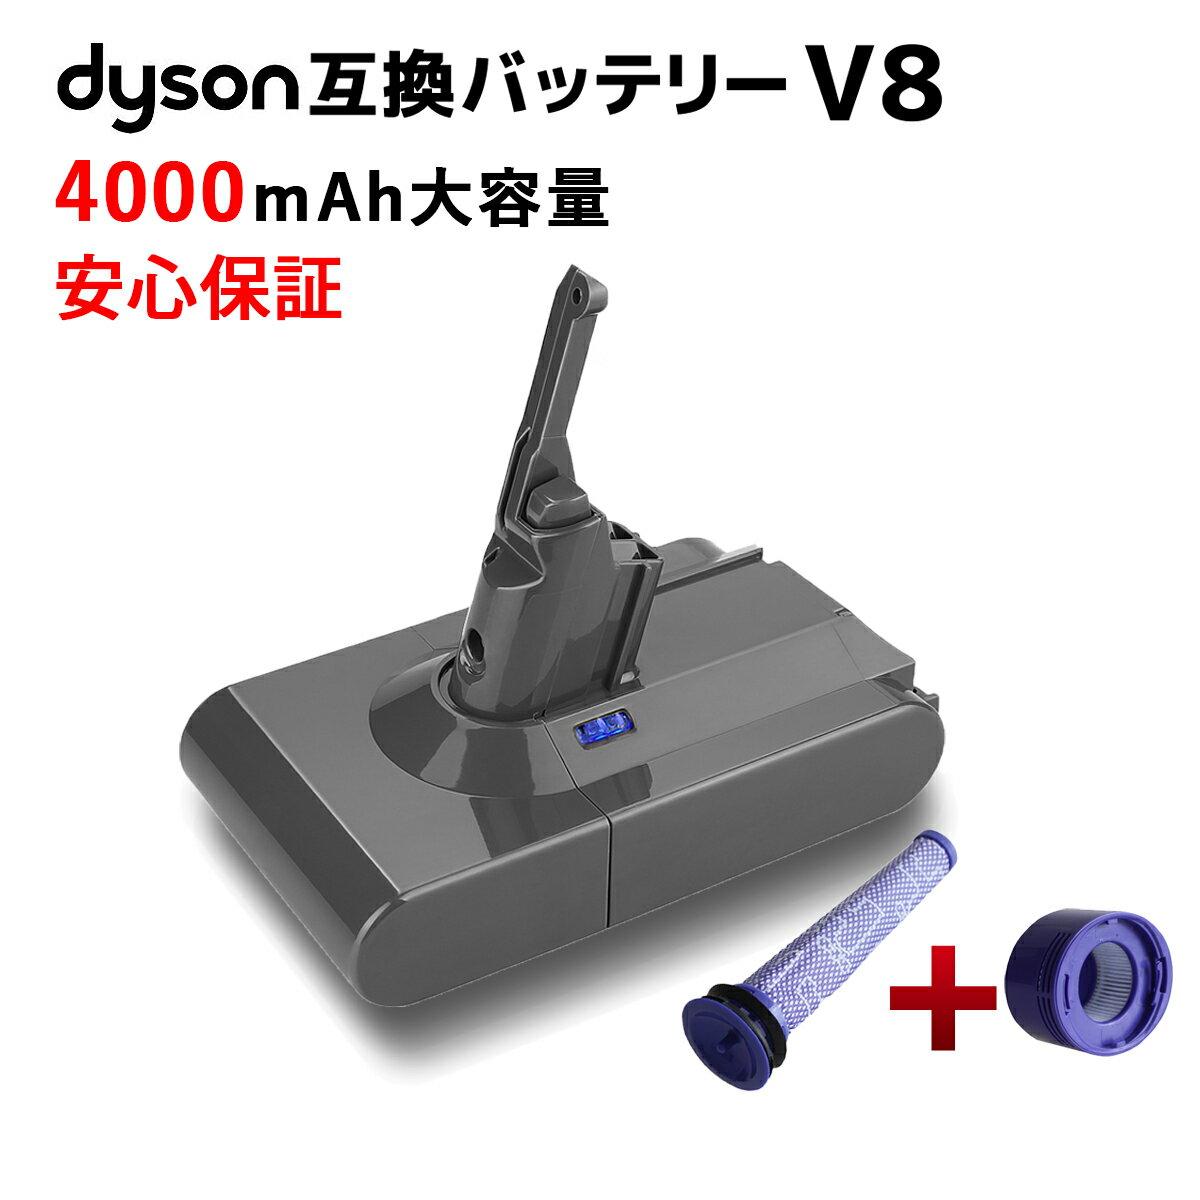 掃除機・クリーナー用アクセサリー, バッテリーパック 412AM9115 dyson V8 PSE PL SV10 21.6V 4000mAh (4.0Ah) 1 UP